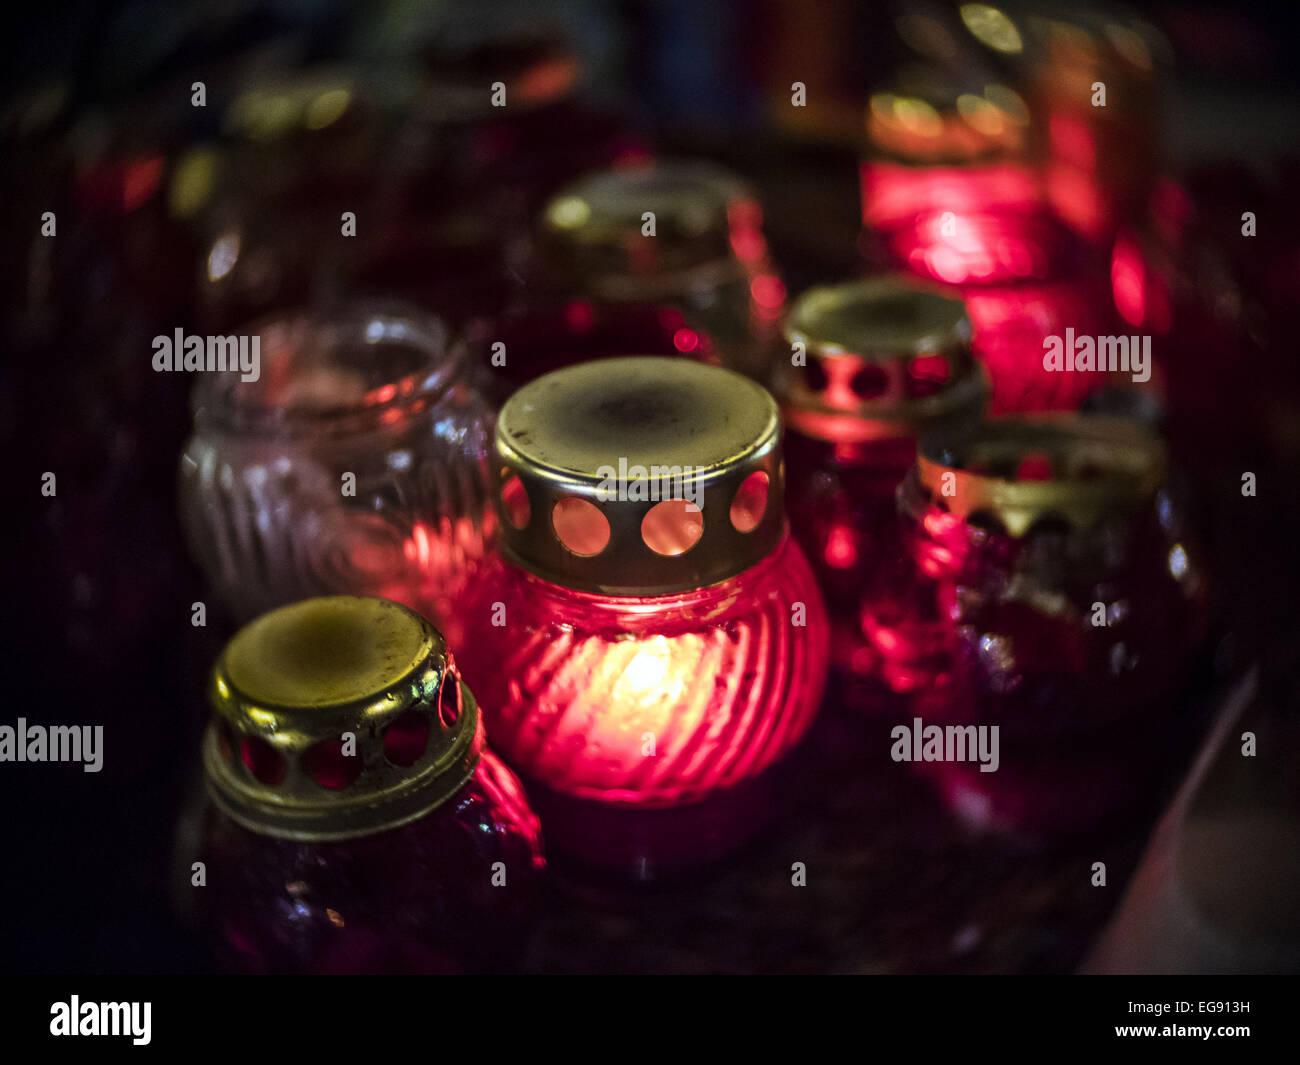 Lampes en mémoire de ceux qui sont morts pour la liberté. Feb 19, 2015. Les Ukrainiens se préparent Photo Stock